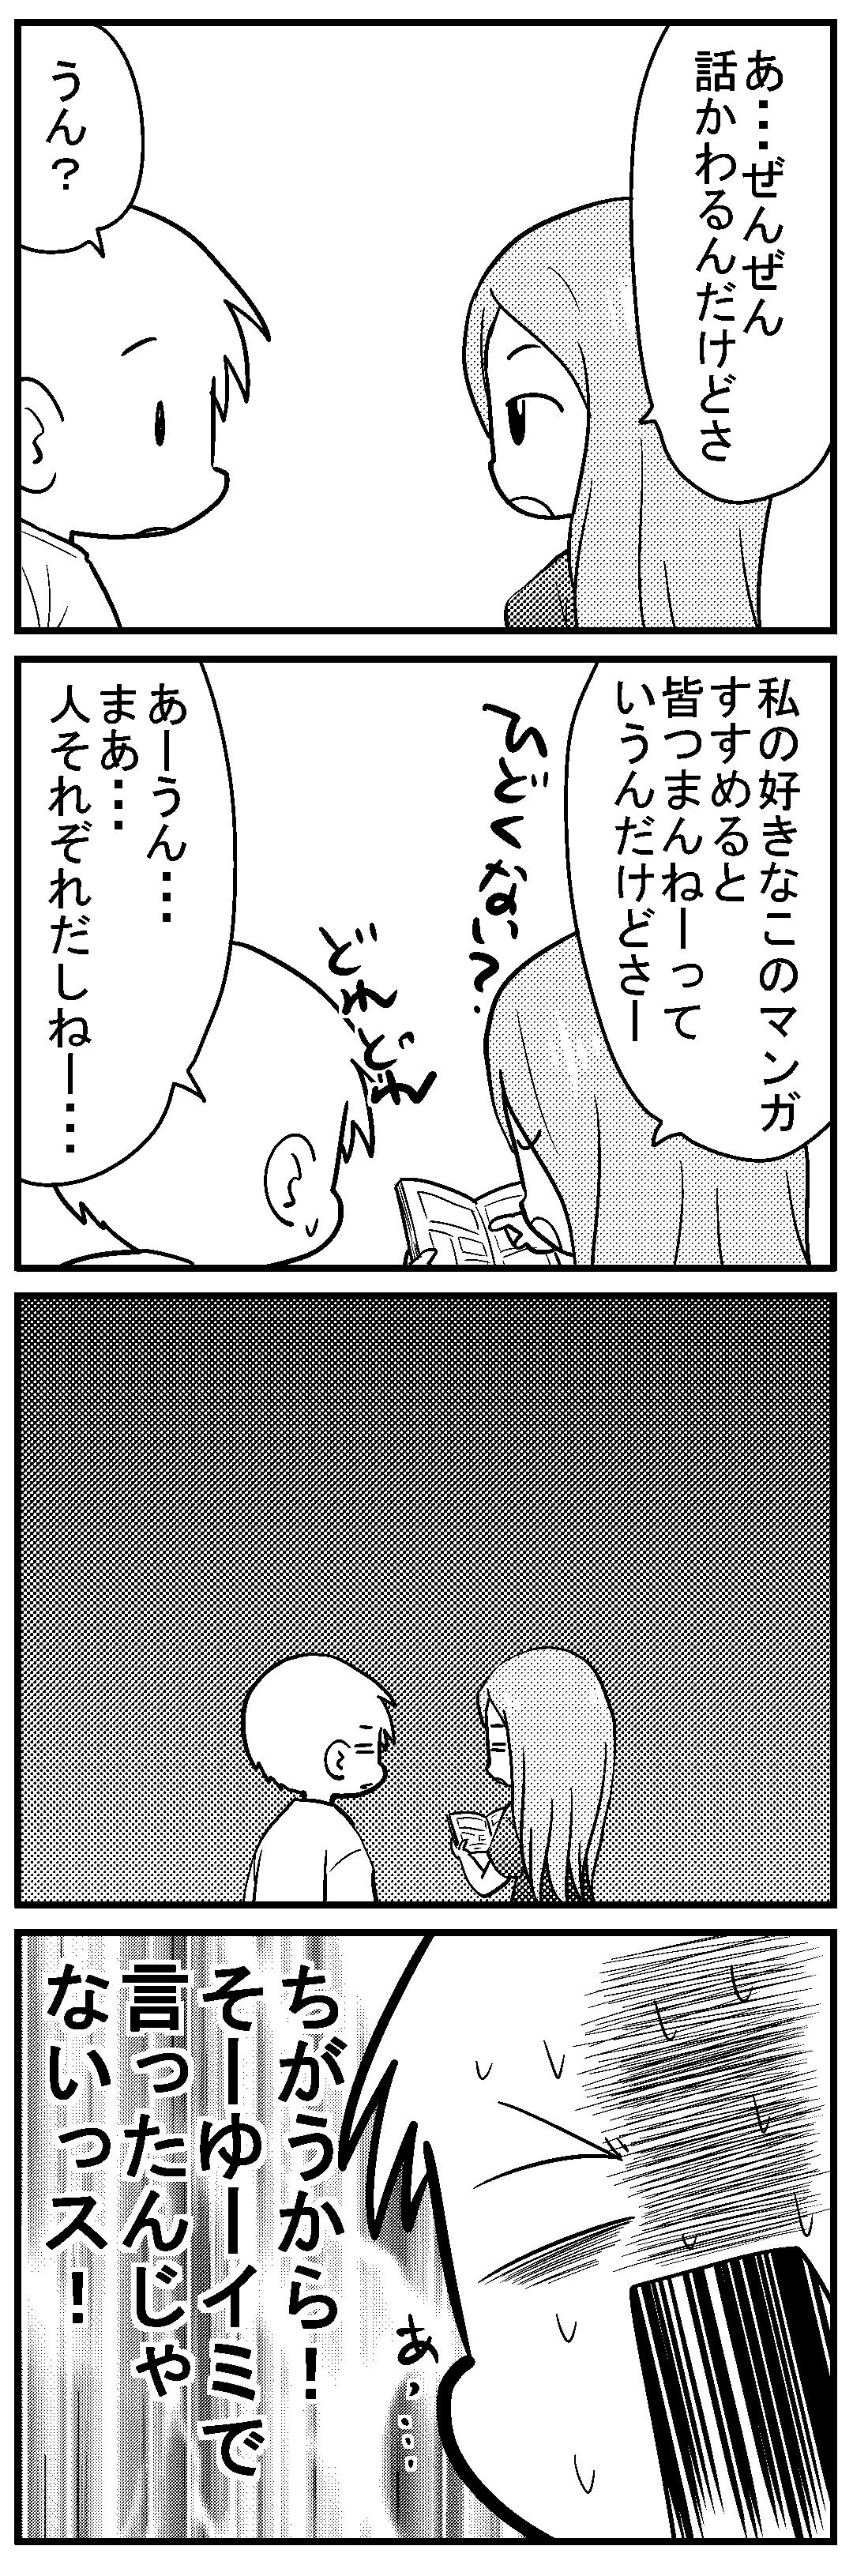 深読みくん25 4